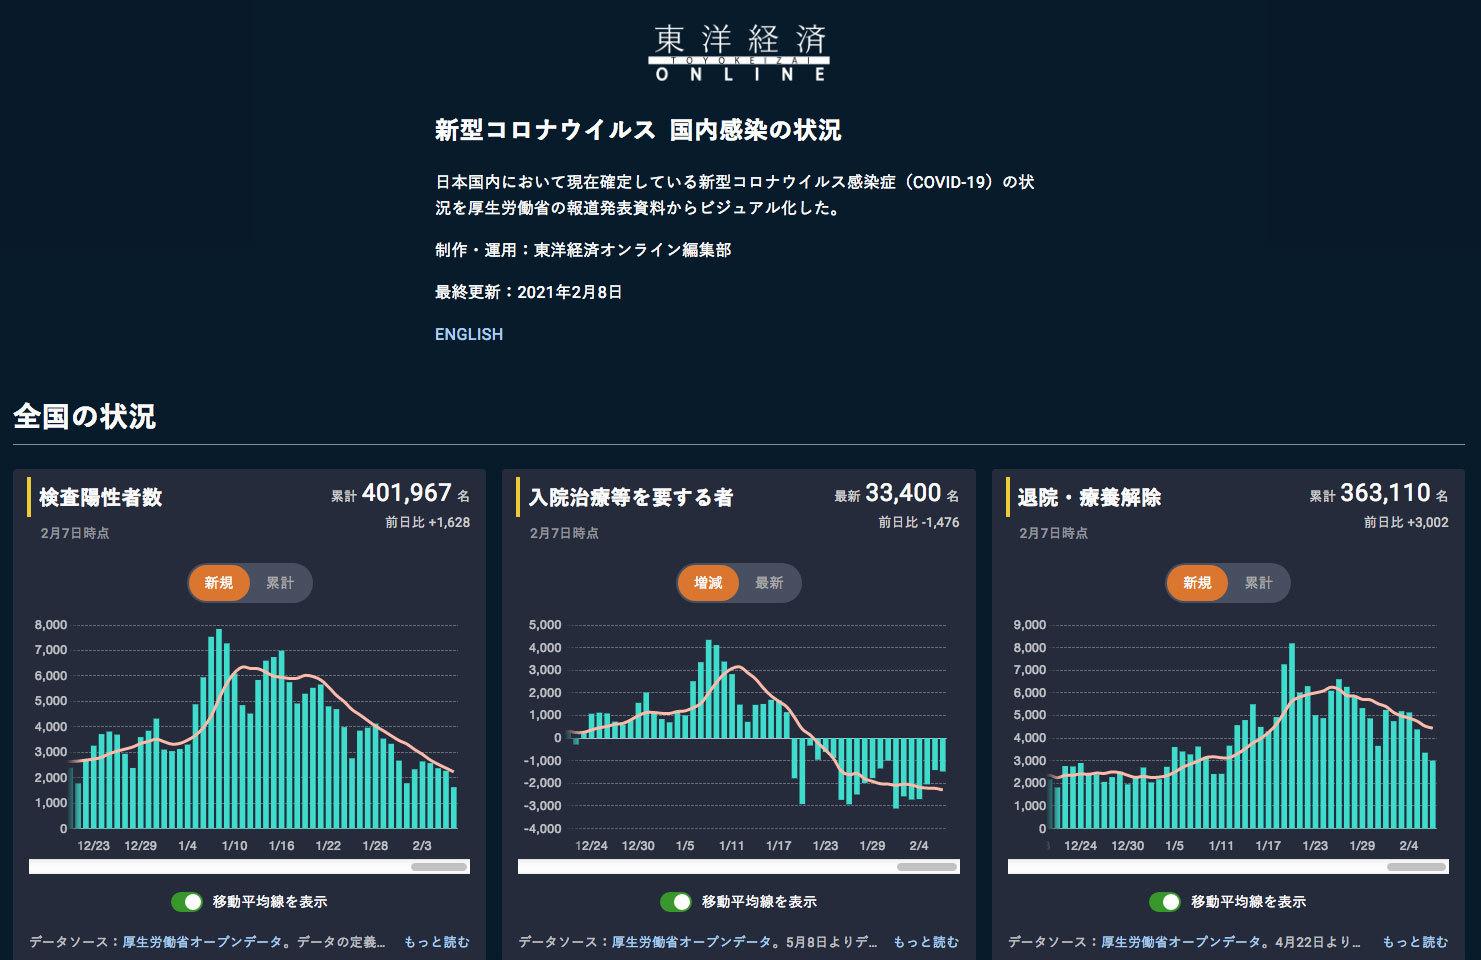 コロナ感染状況のグラフ/東洋経済_c0189970_13544026.jpg